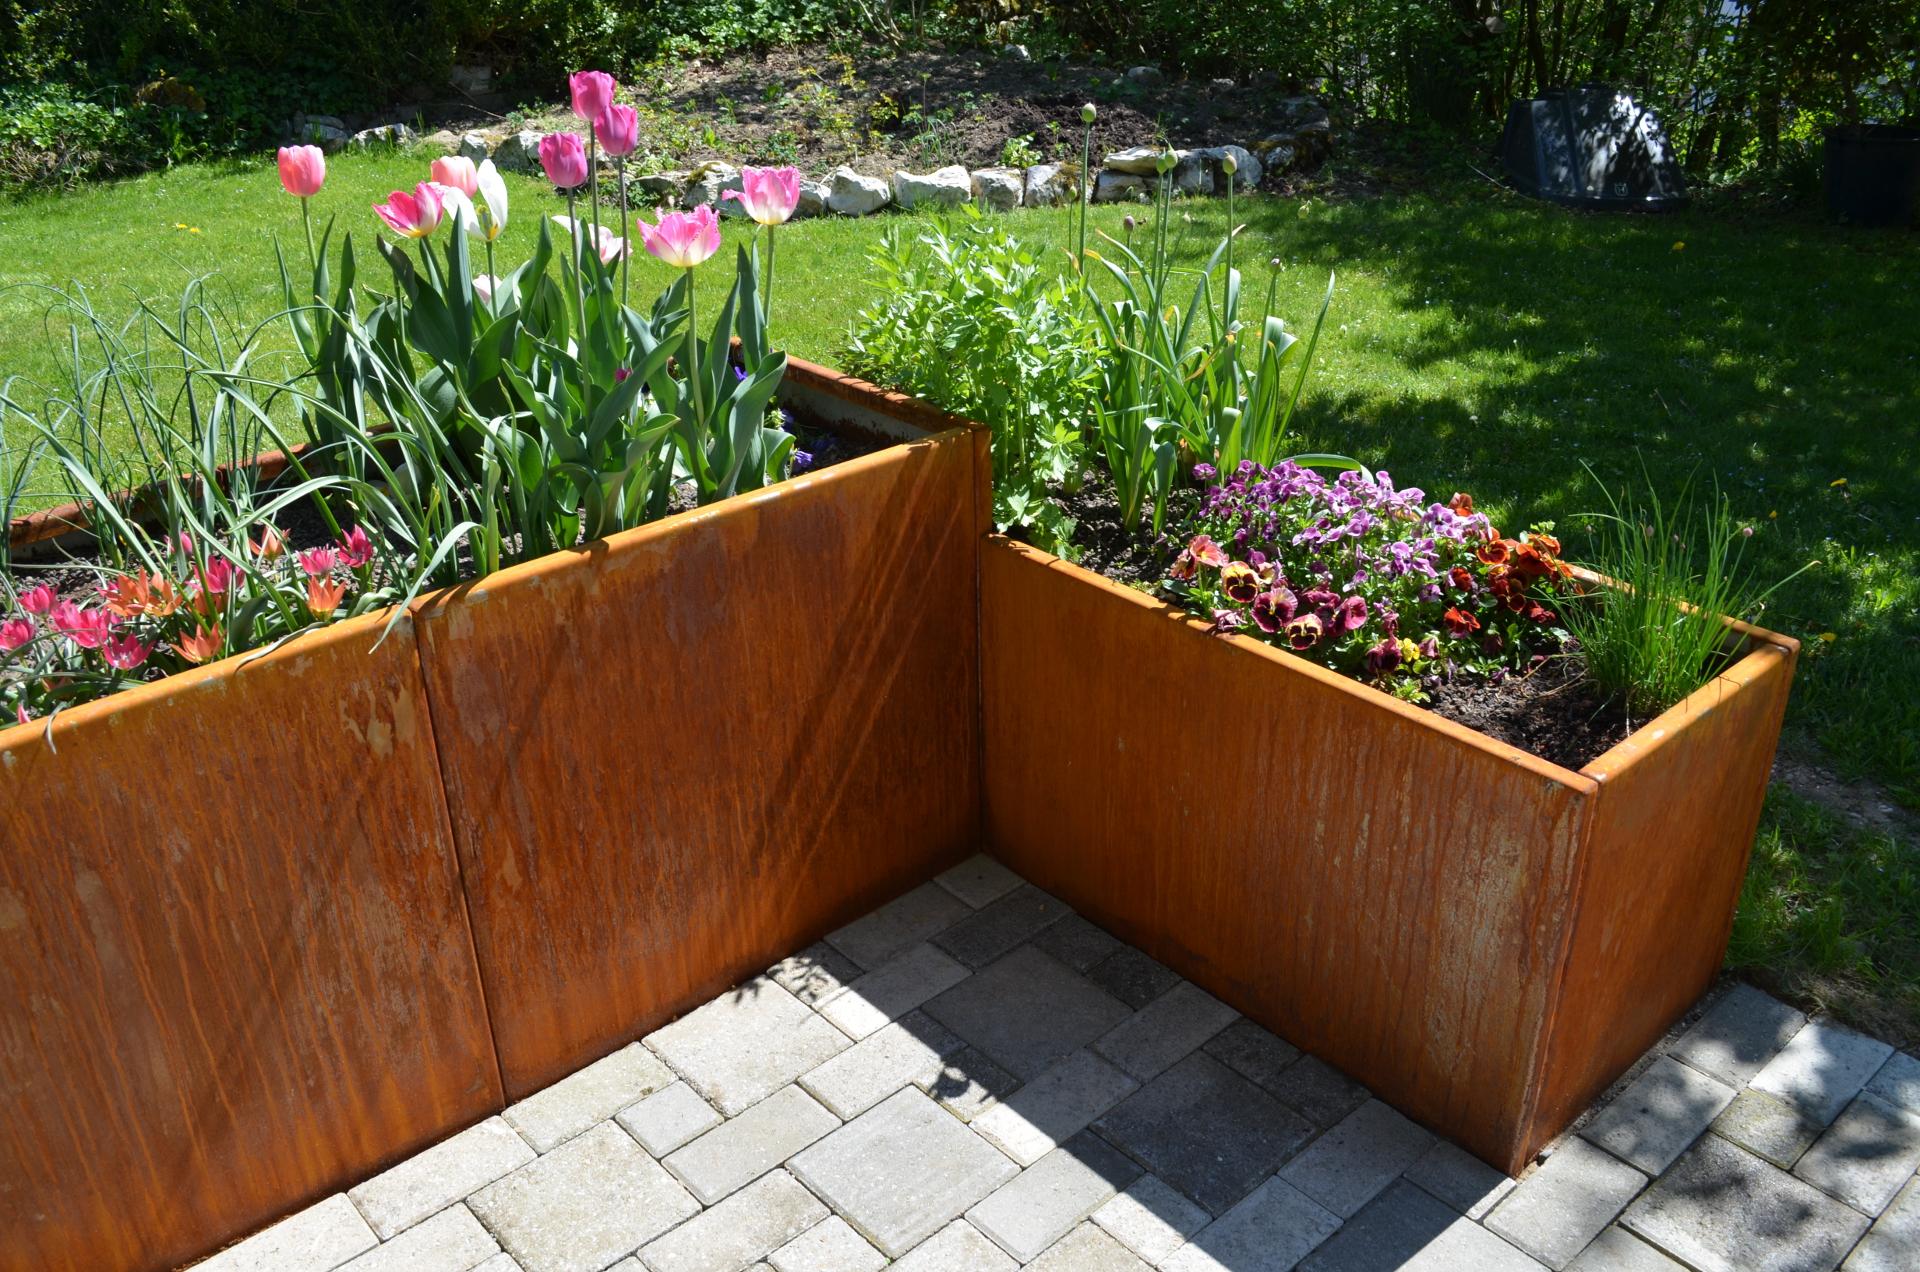 Full Size of Hochbeete Kobeldesign Garten Hochbeet Outdoor Küche Edelstahl Edelstahlküche Gebraucht Wohnzimmer Hochbeet Edelstahl